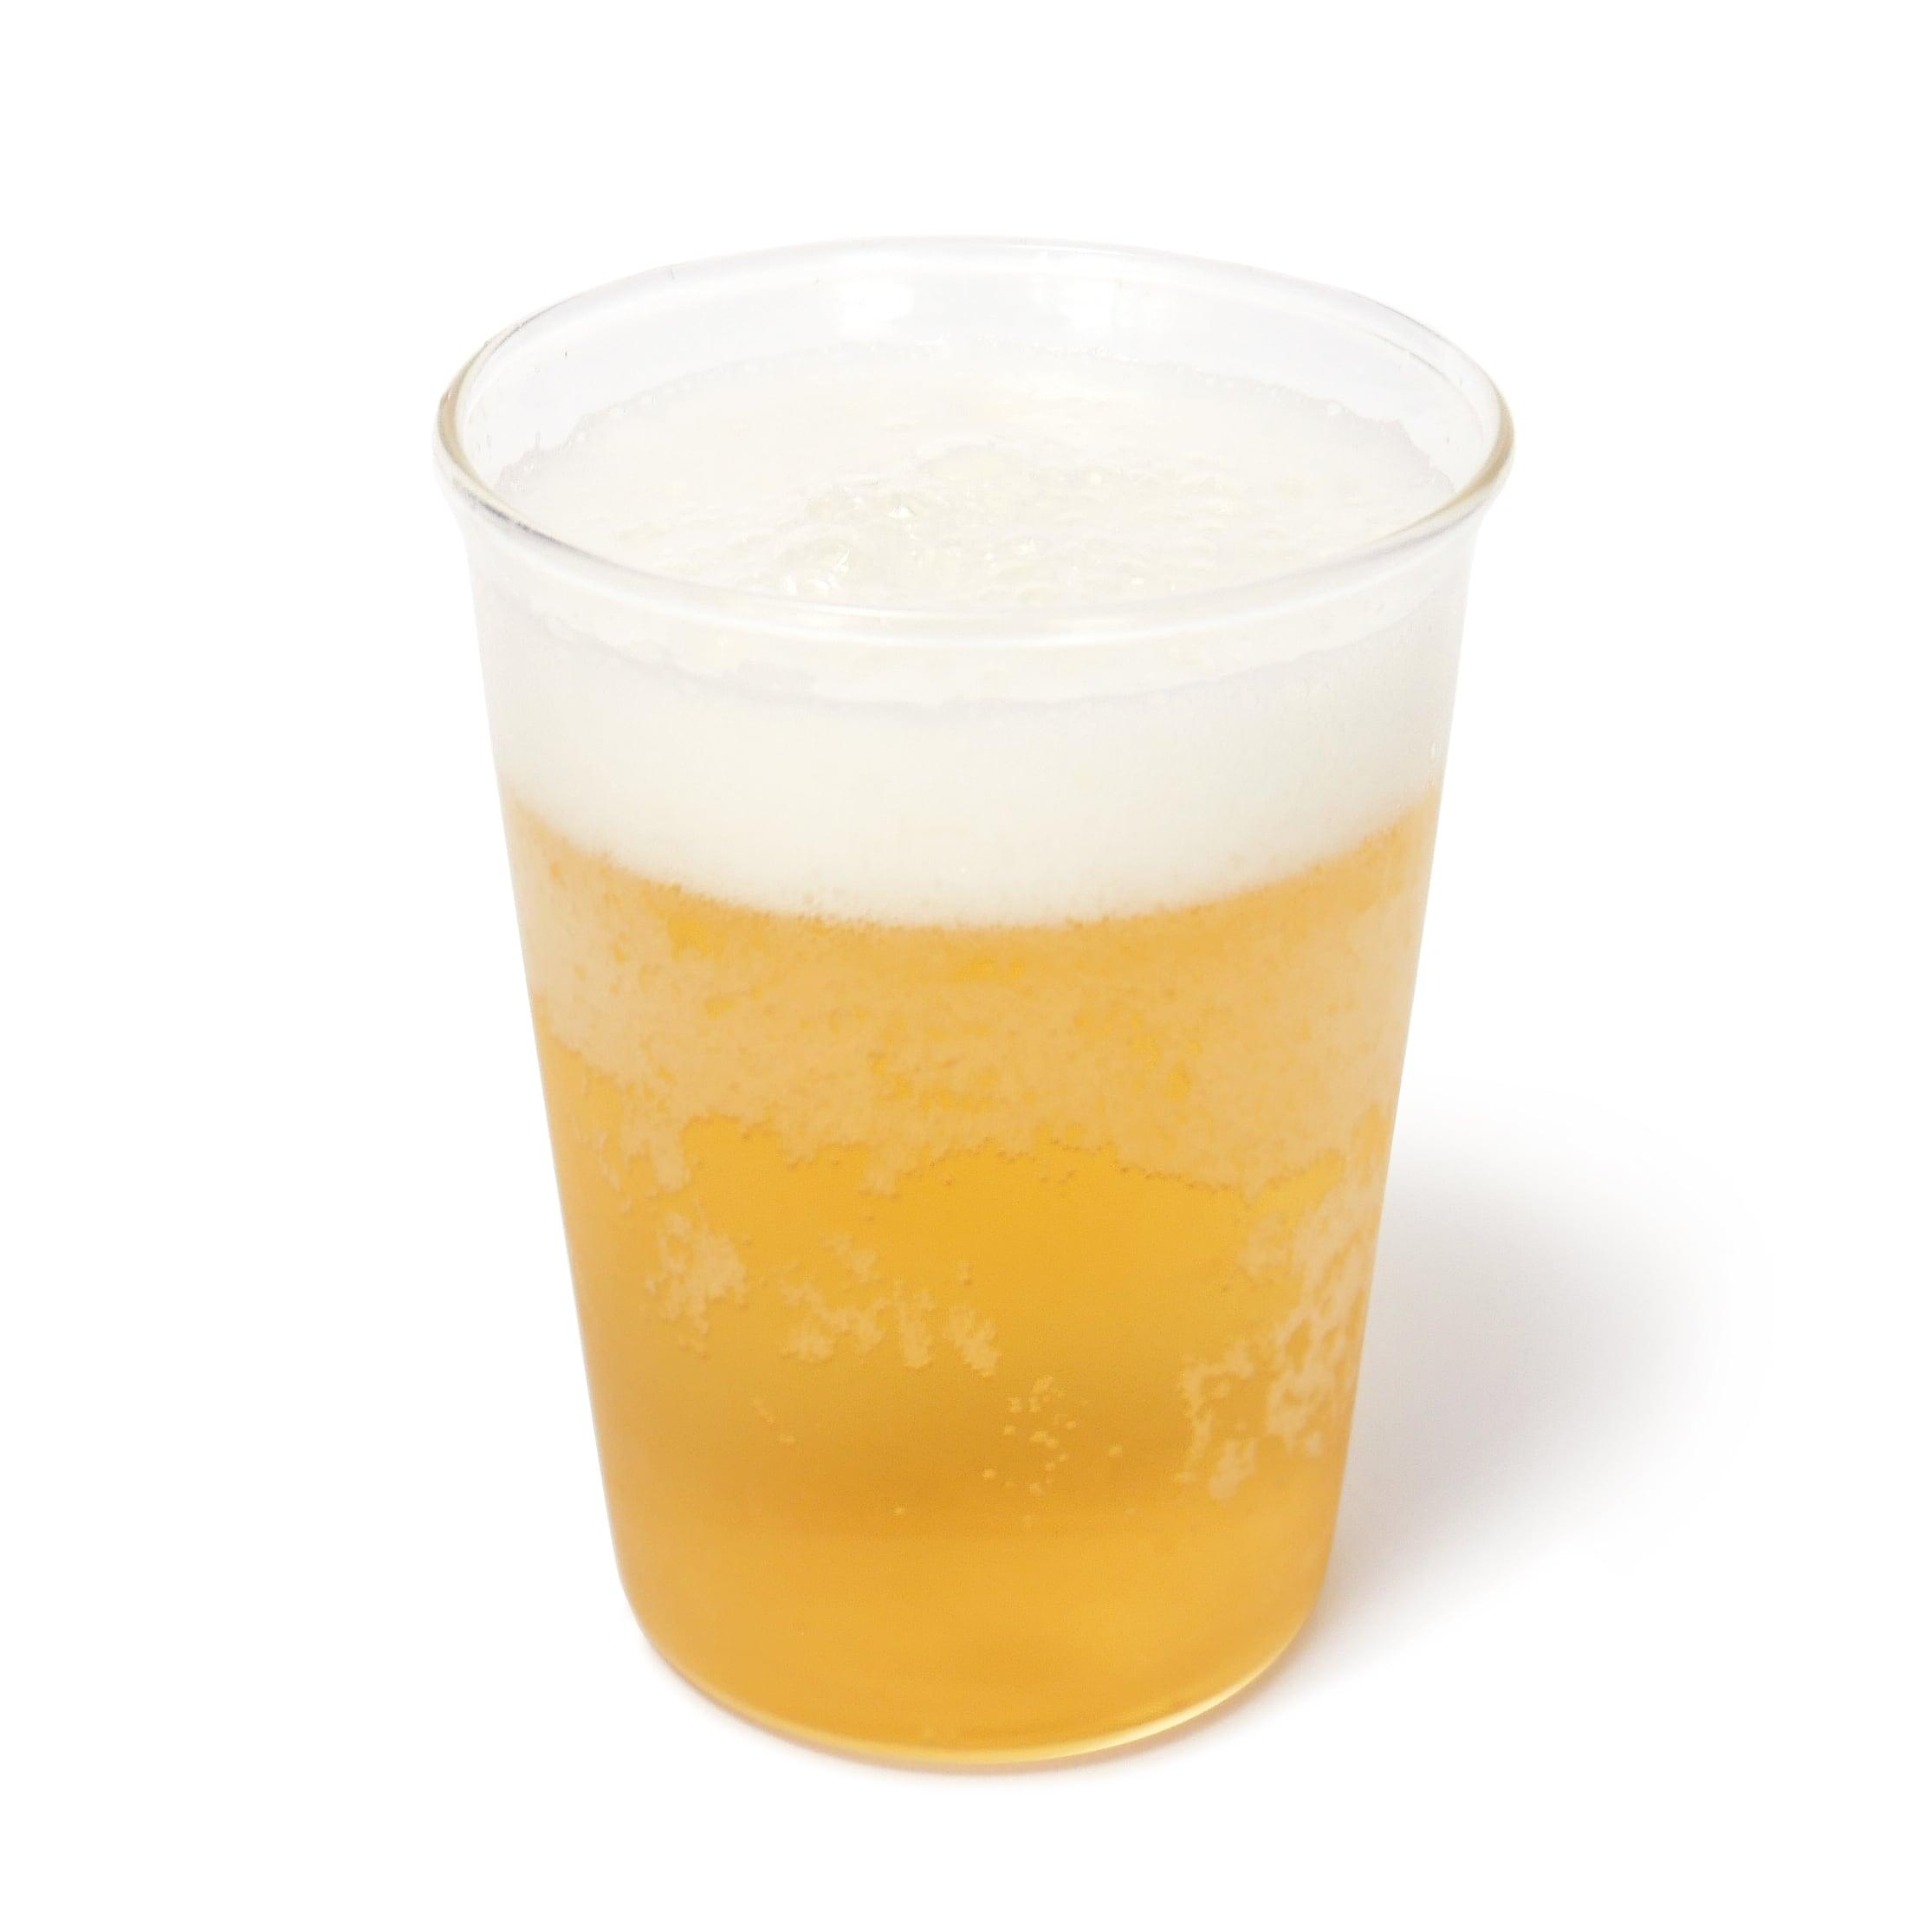 ヴォルファスエンゲルマン グルンベルガー ラガービール グラスに注いだ